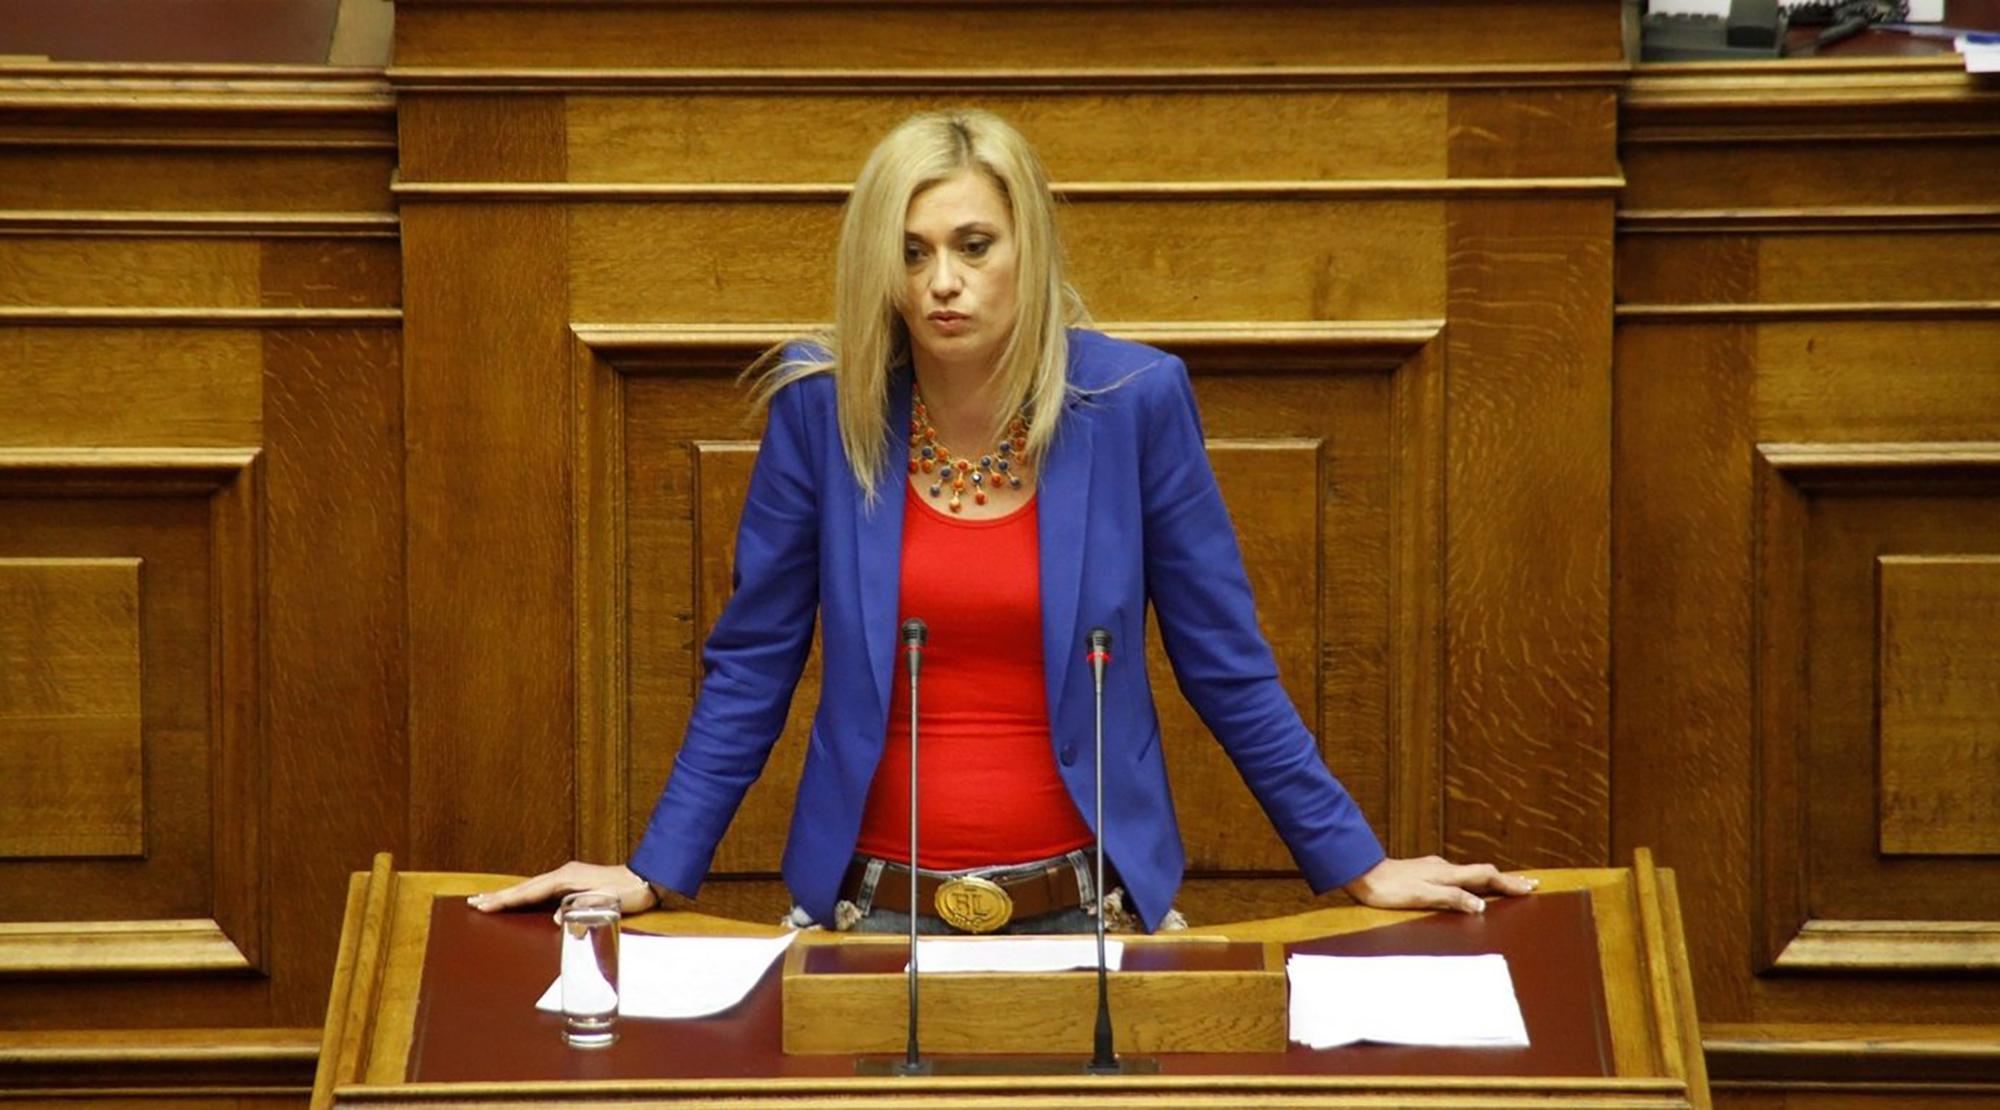 Ραχήλ Μακρή: «Θέλουν να πετύχουν τον αφανισμό του ελληνισμού» | 14.10.2017